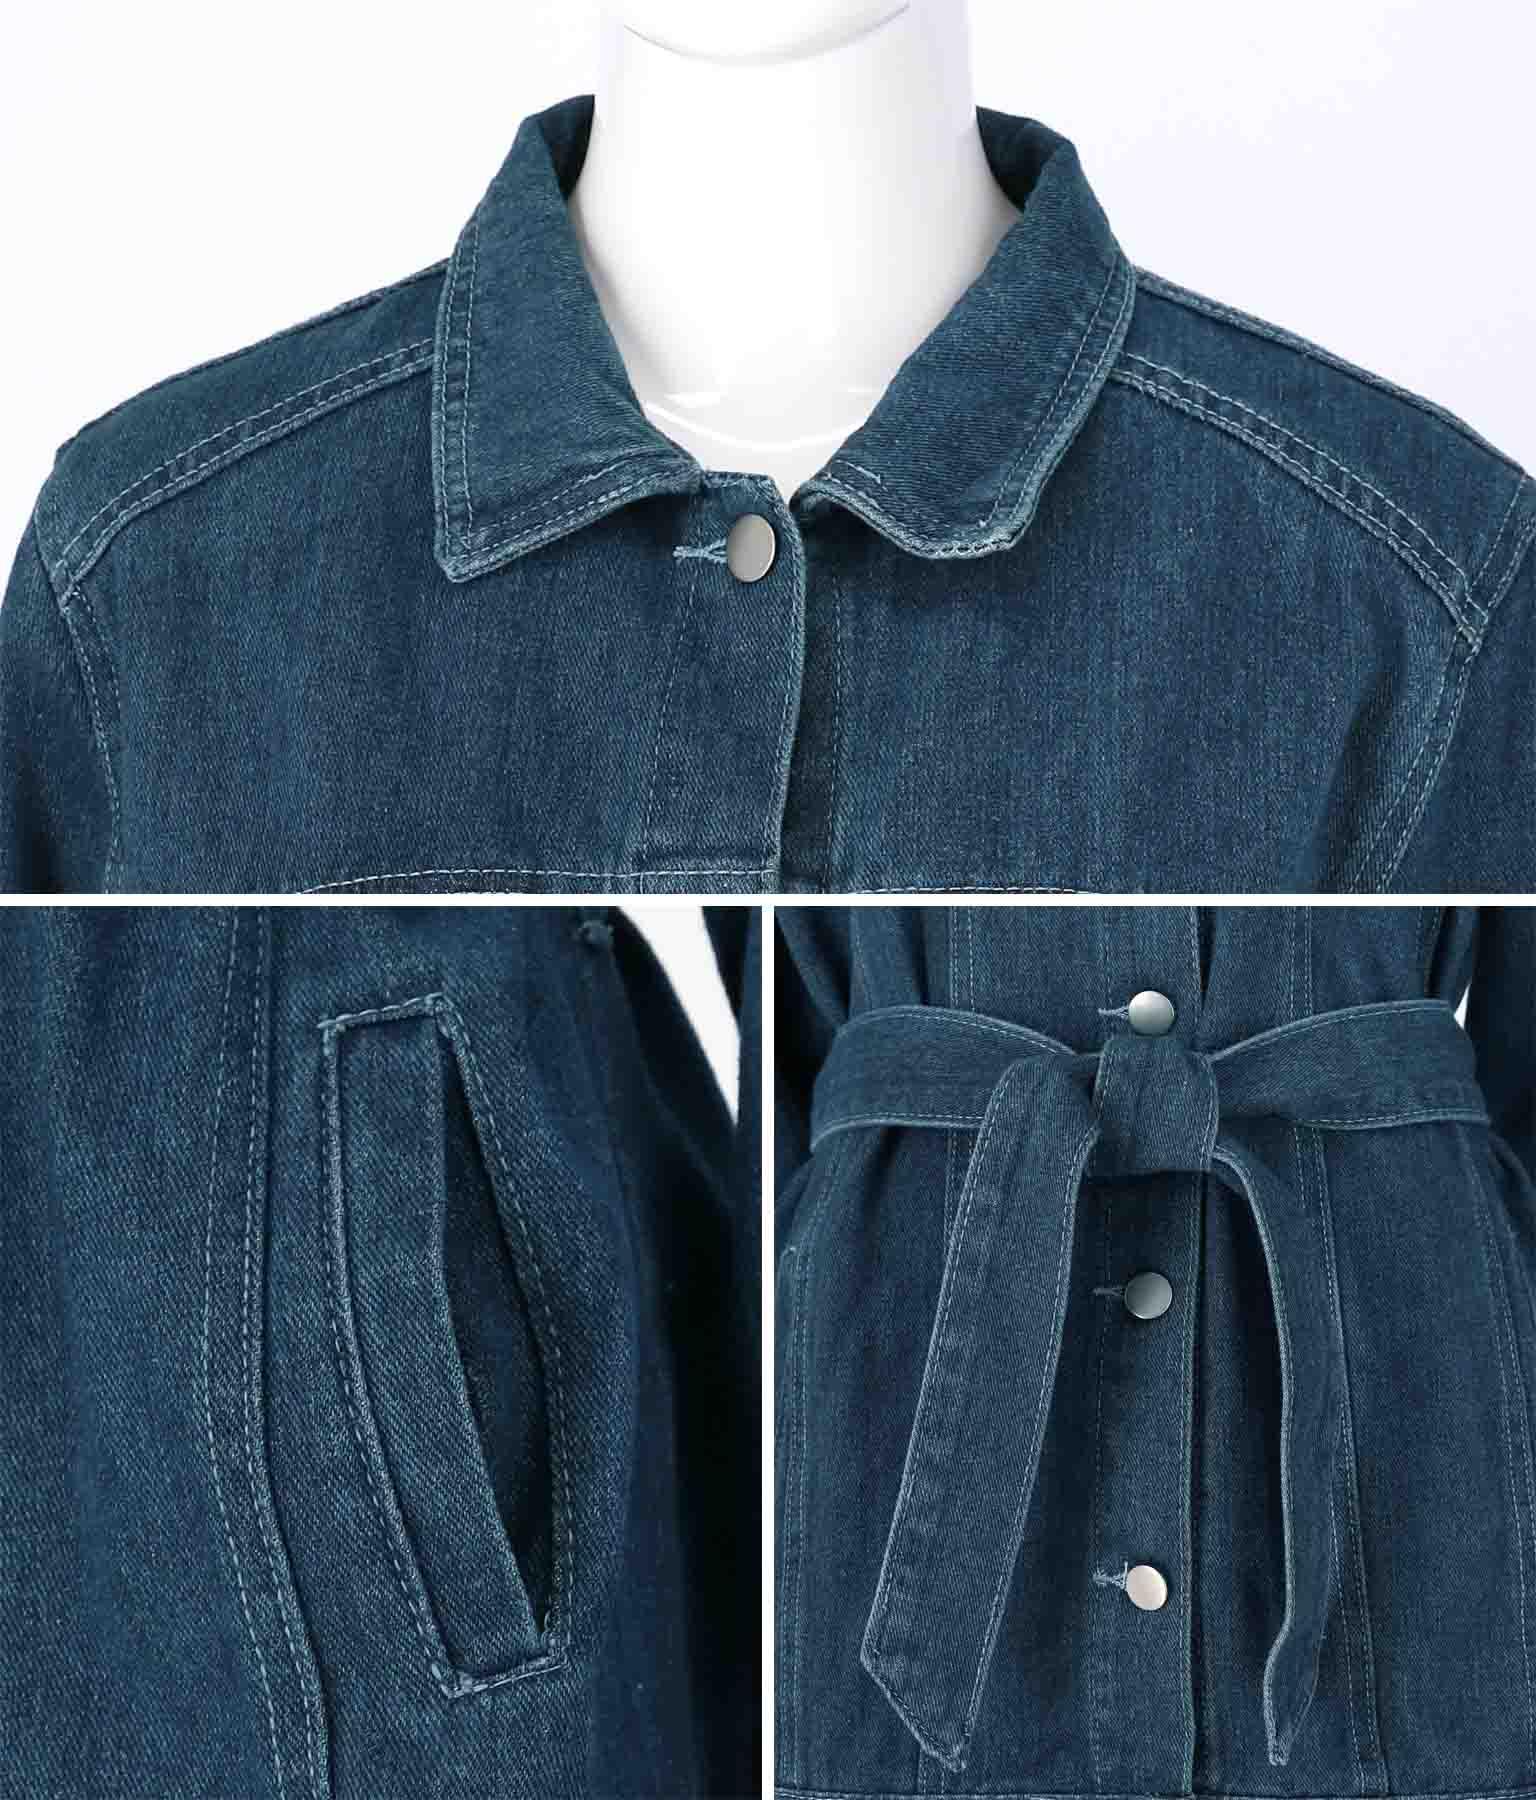 ウエストリボン付デニムジャケット(アウター(コート・ジャケット) /ジャケット・ブルゾン) | CHILLE